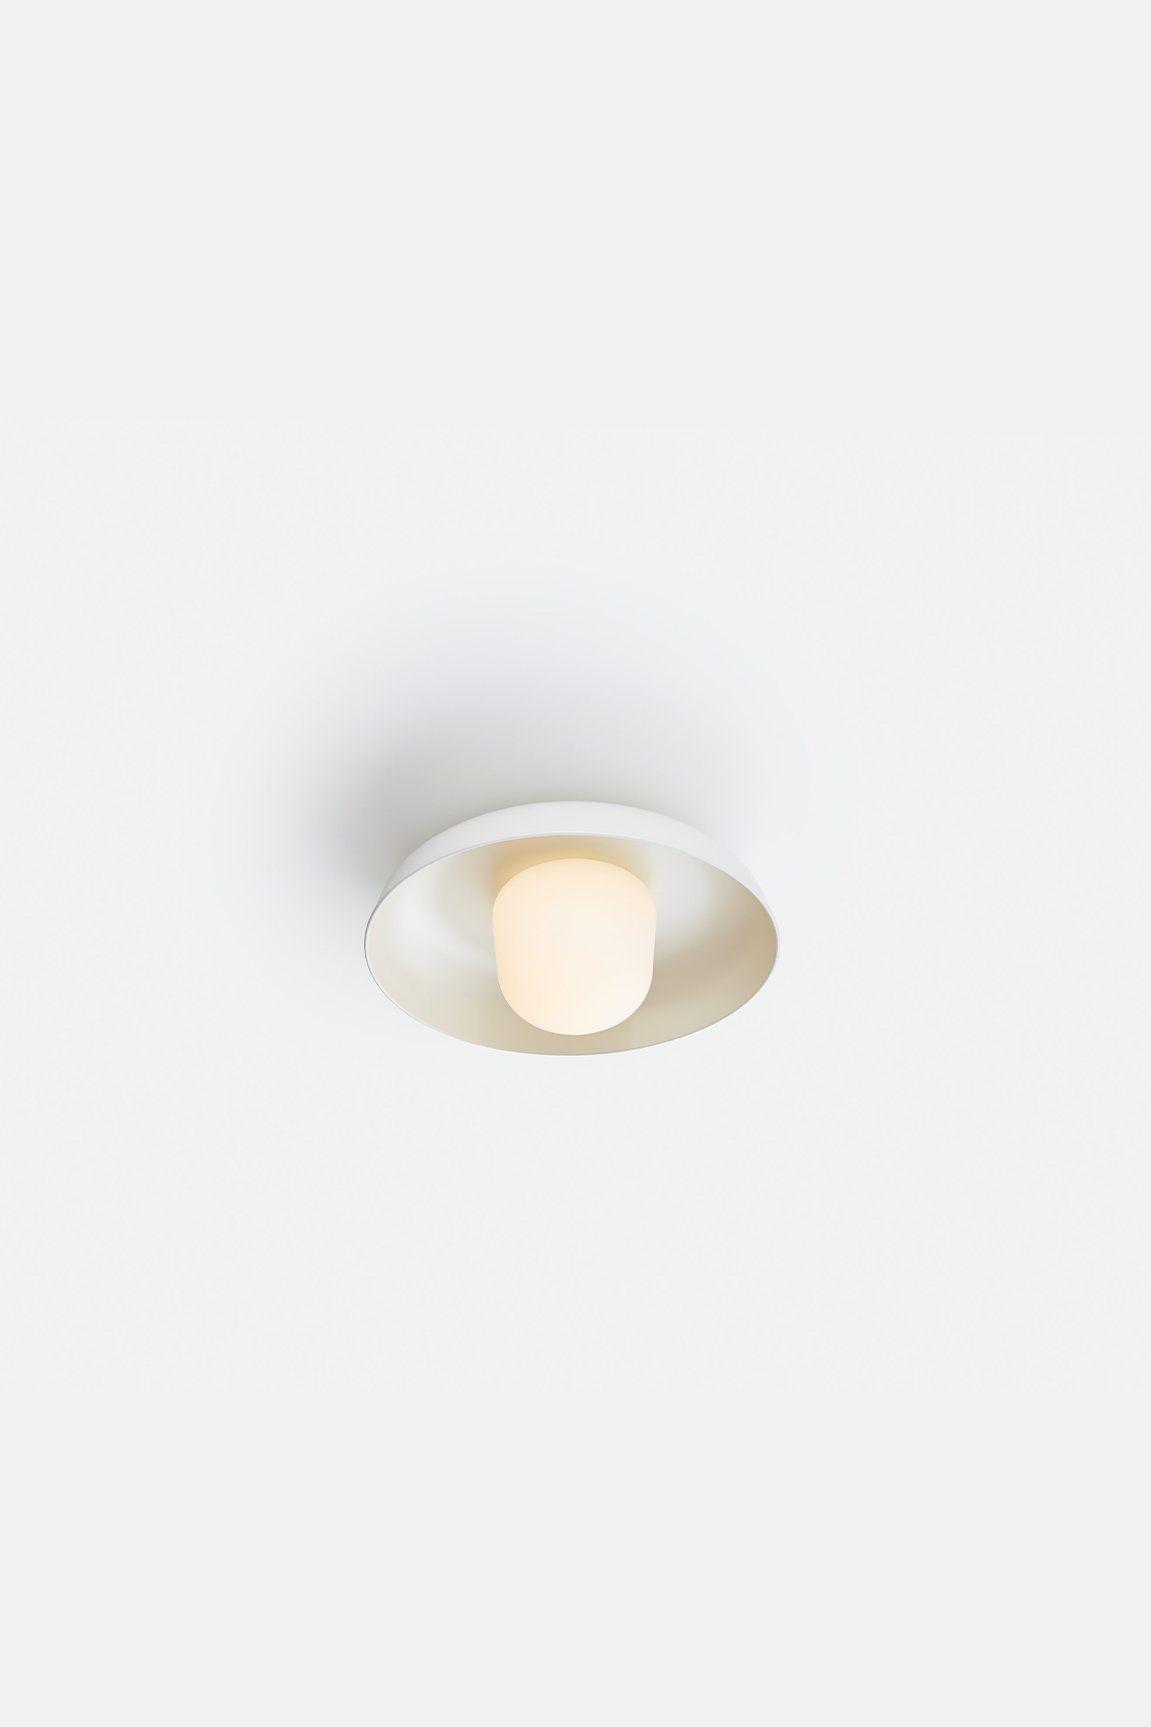 Hoist medium white ➤ lighting ceiling lights electrical